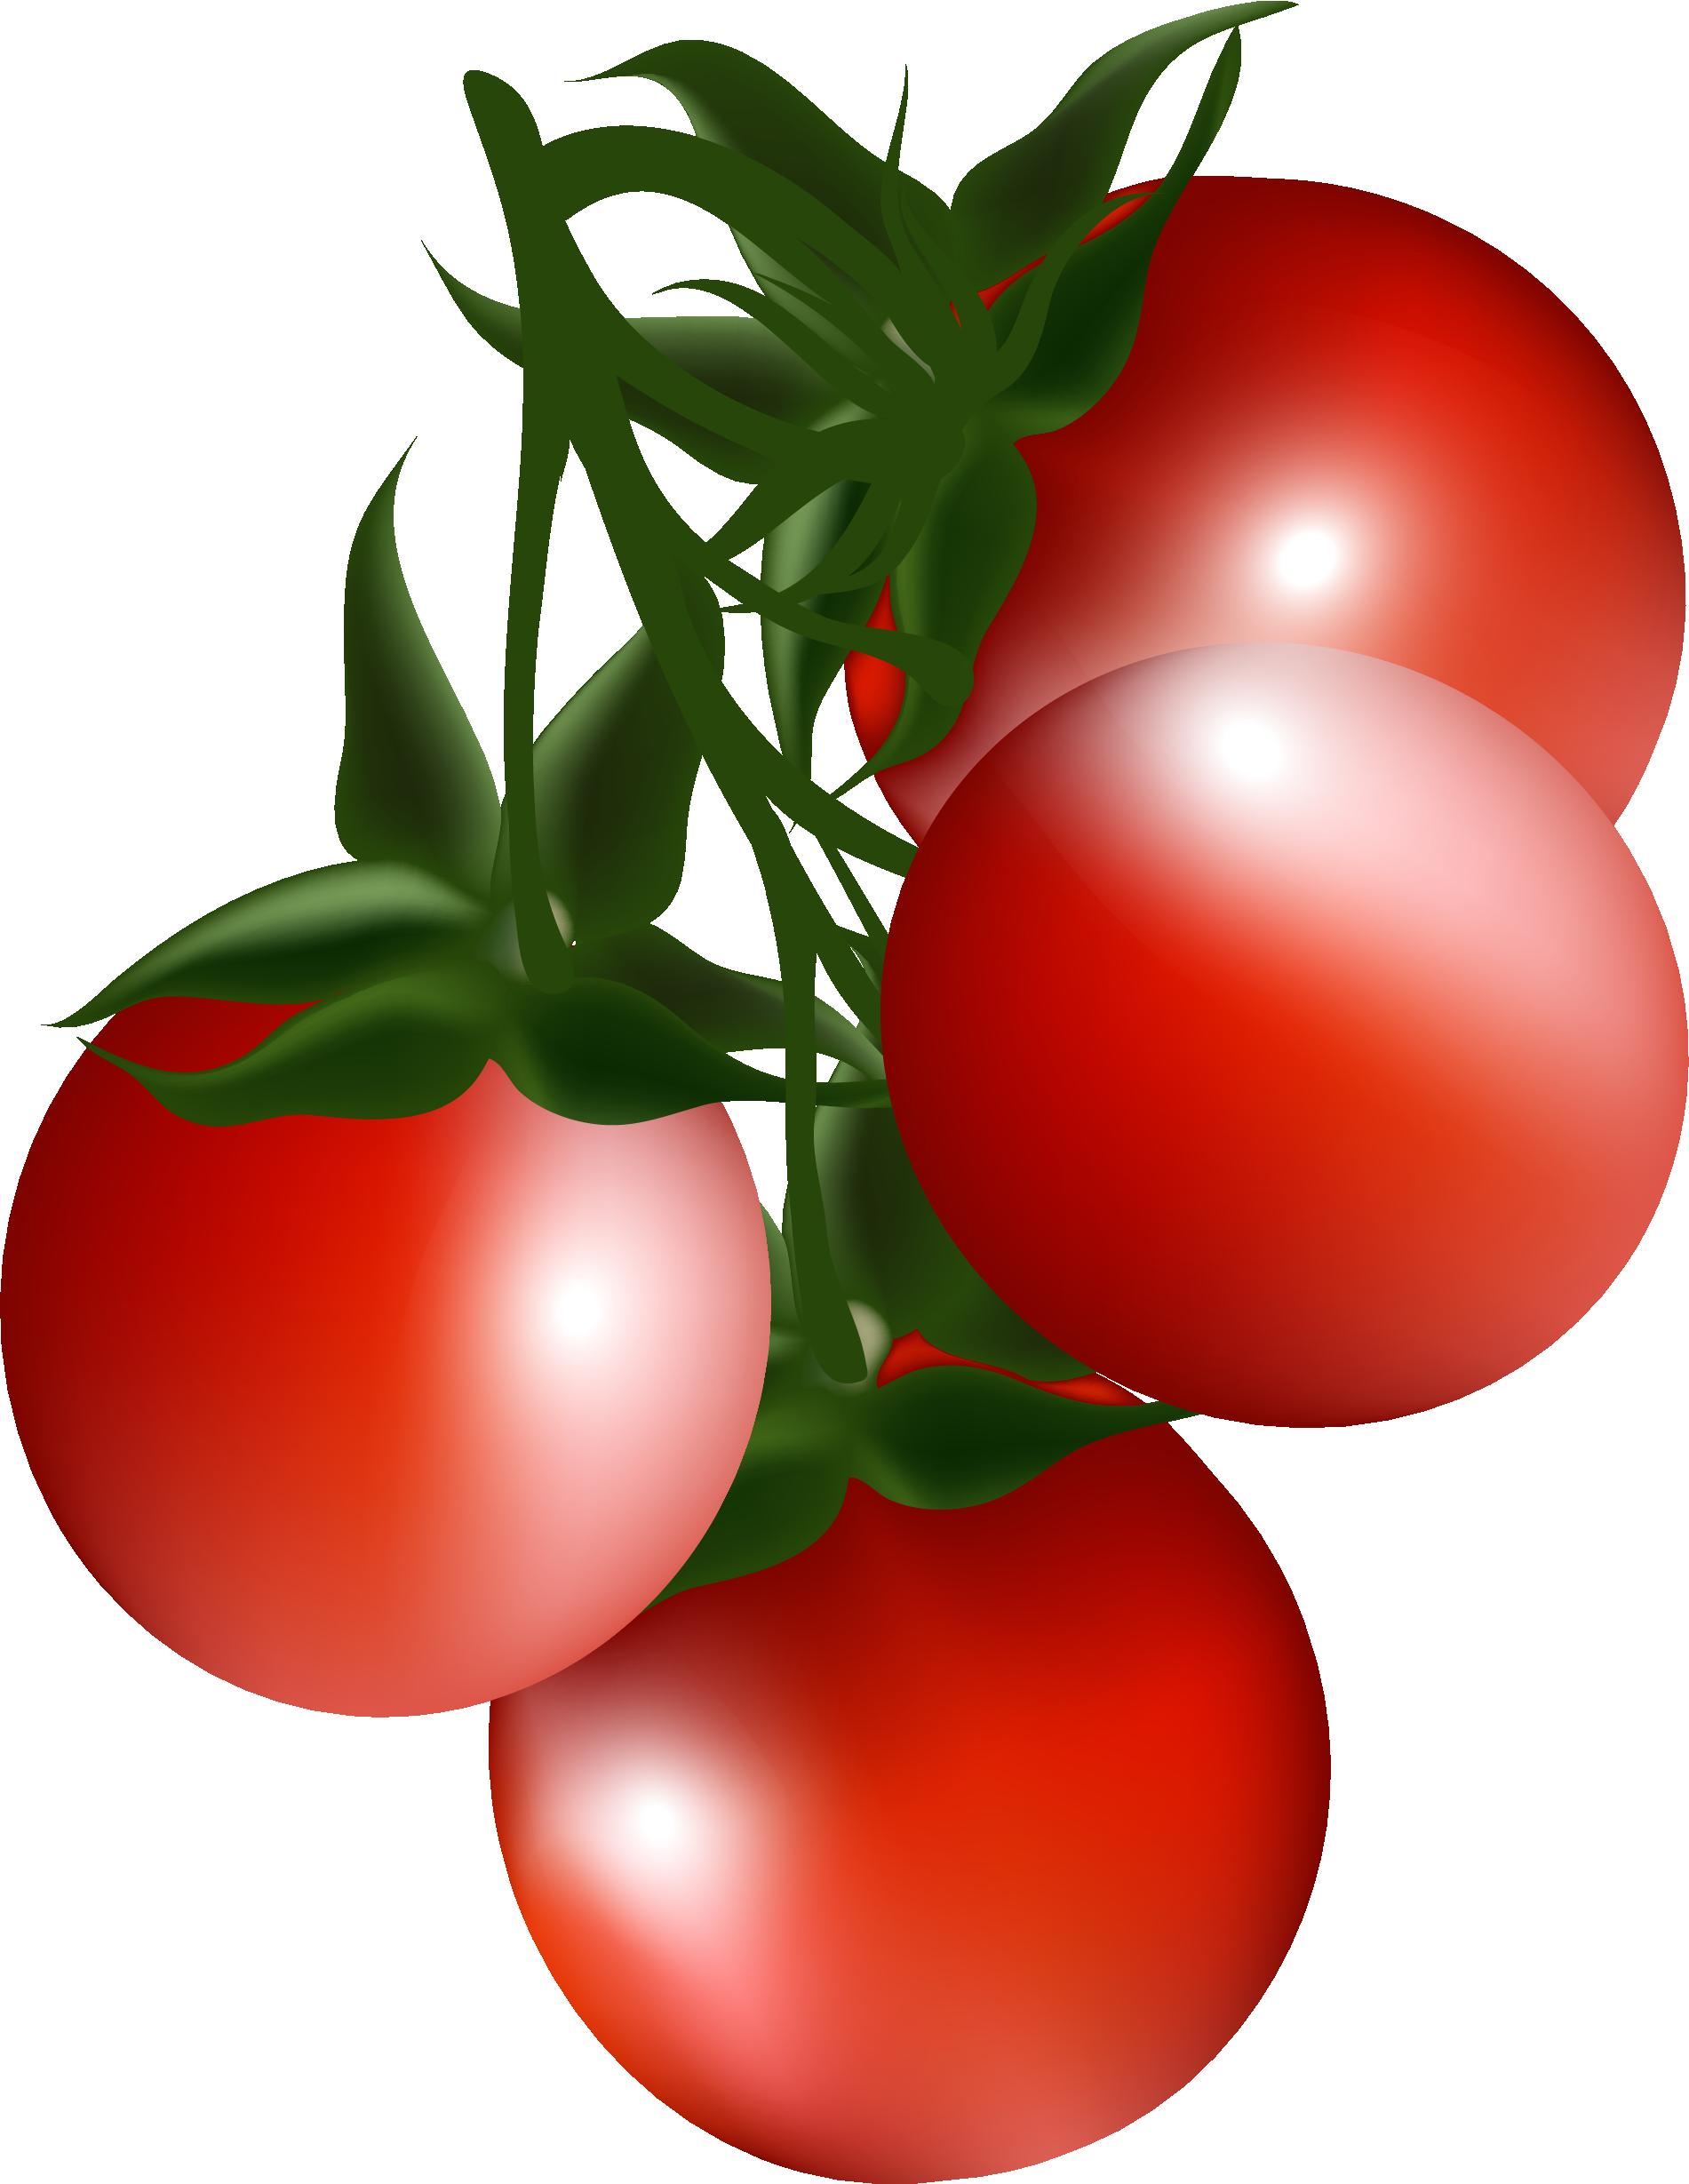 Strawberries clipart bush. Cherry tomato clip art